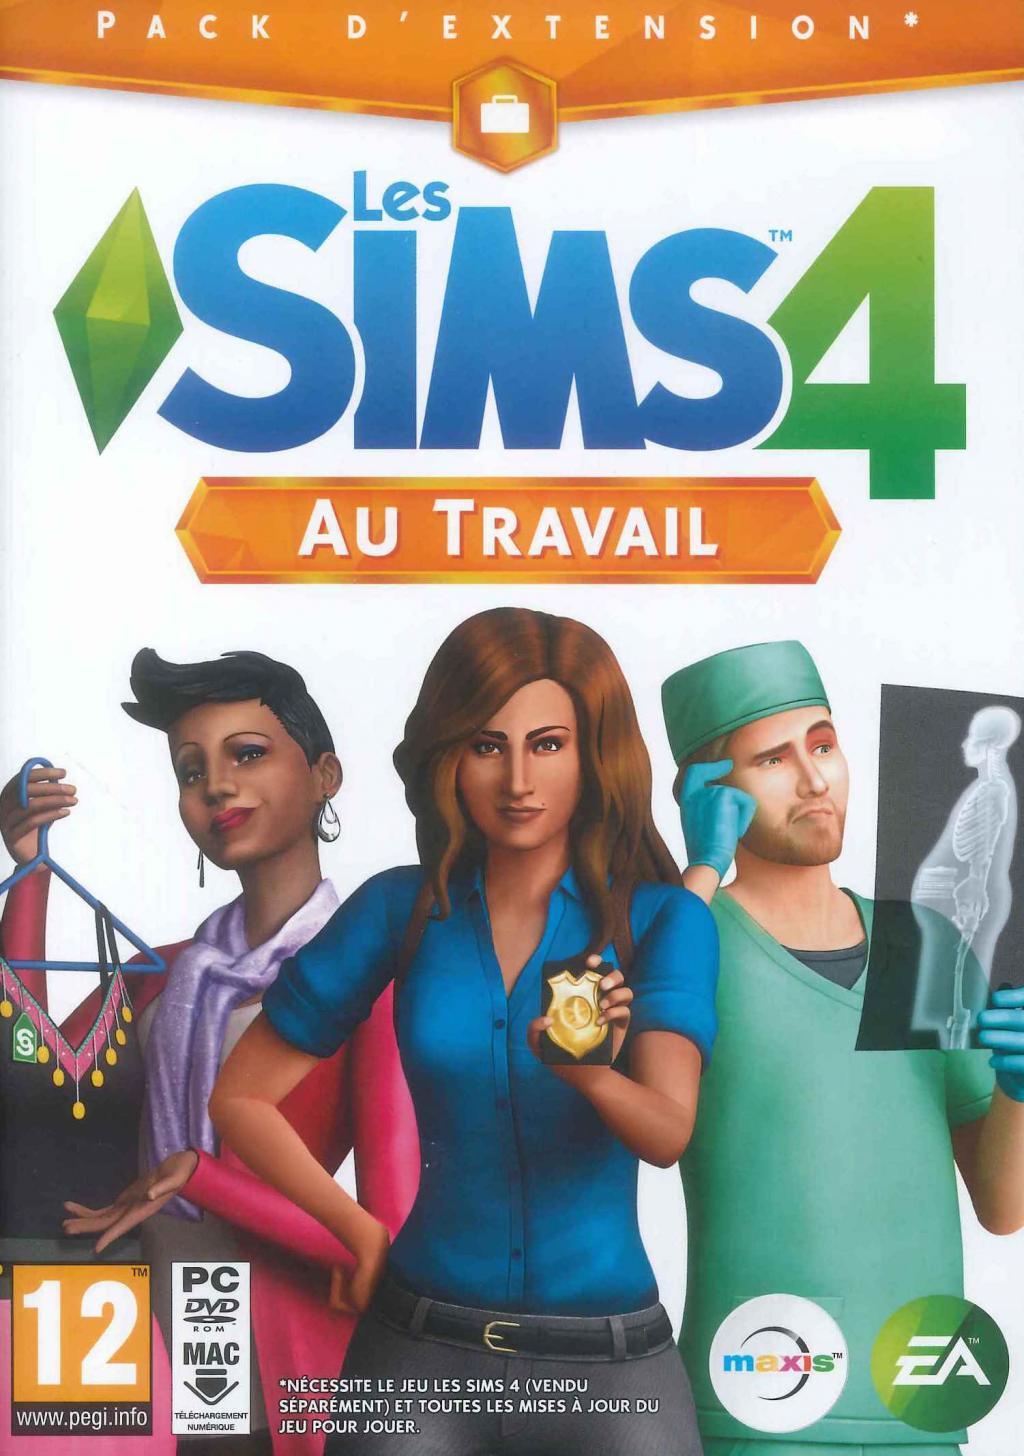 Les Sims 4 au Travail (Extention Pack 01)